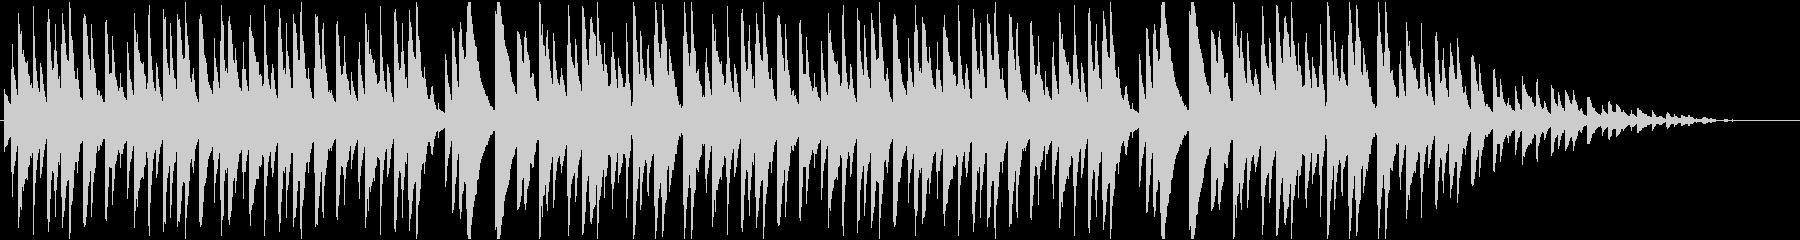 ゲーム・ムービー系モノのループ曲の未再生の波形